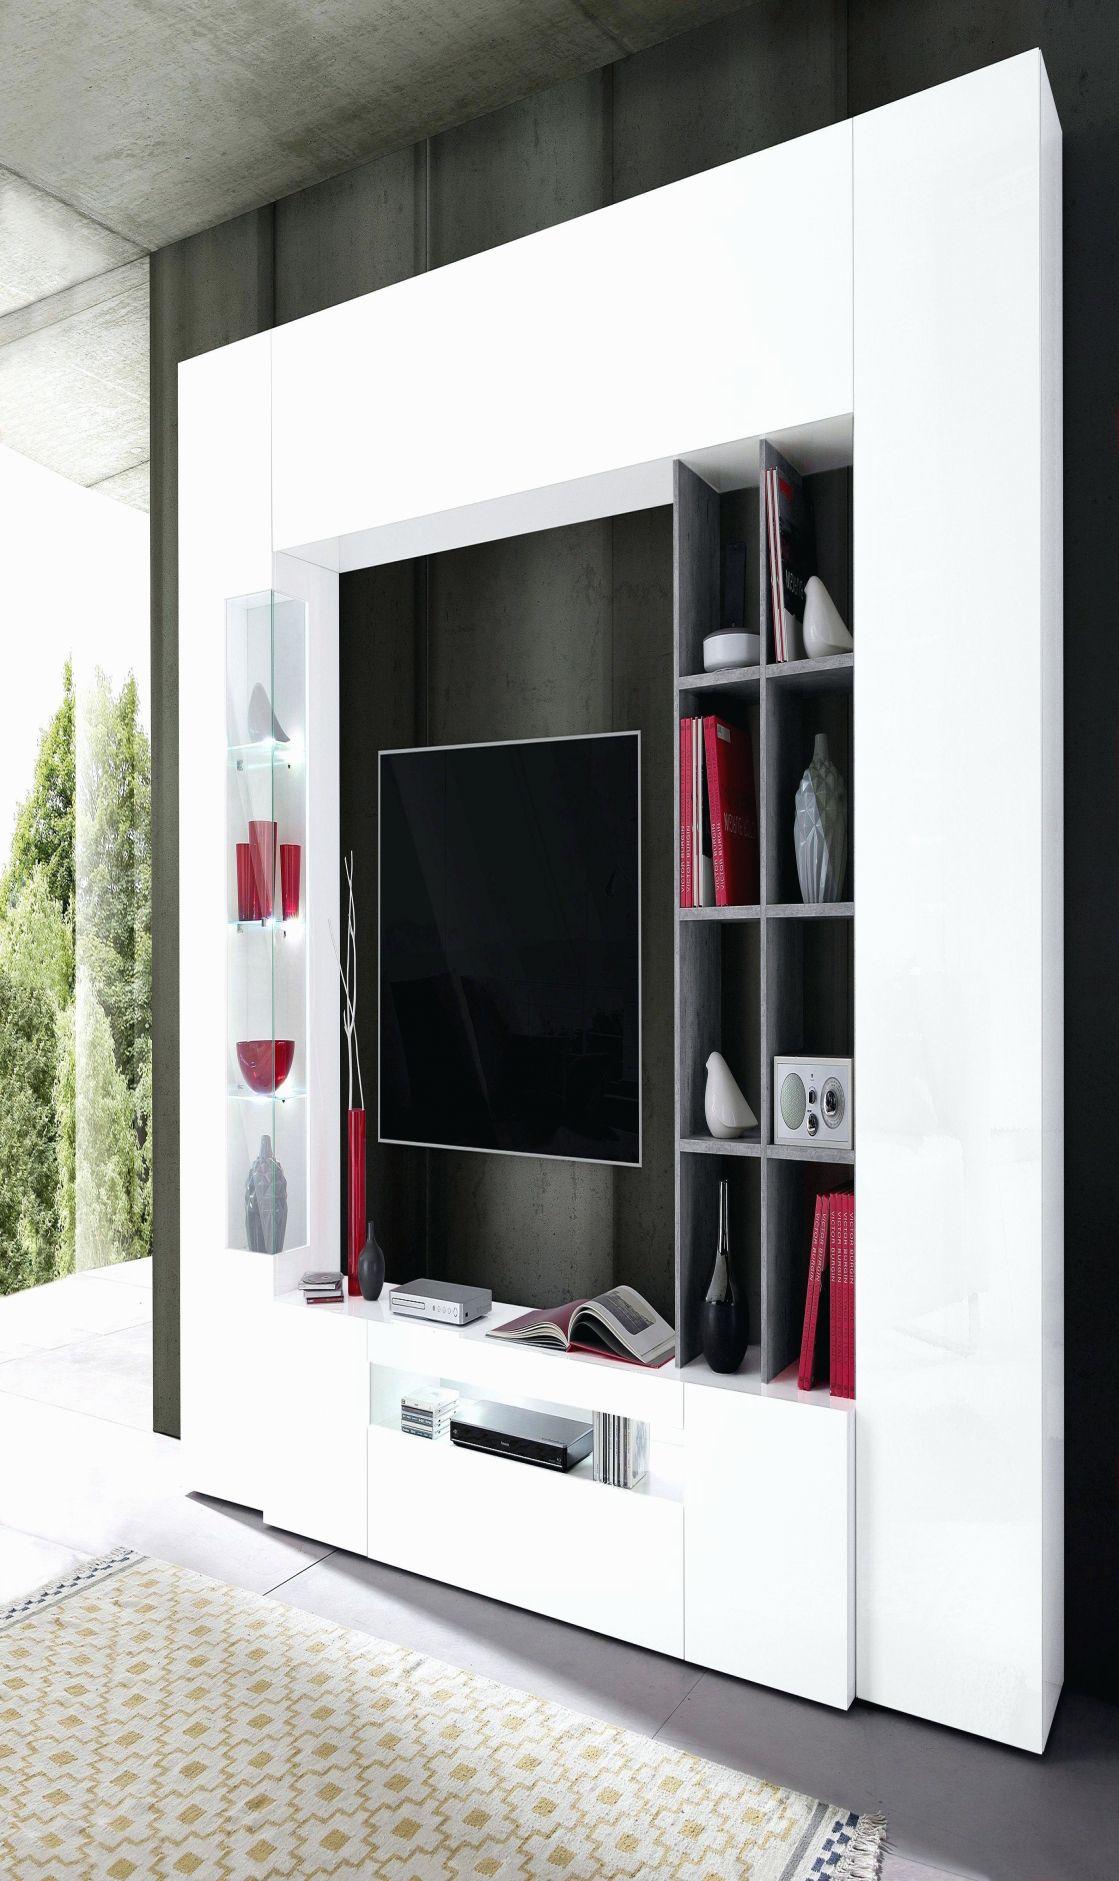 Otto Versand Poco Roller Hulsta Wohnwand Hochglanz Bilder Schrankwand In 2020 Wohnwand Modern Wohnzimmerschranke Wohnwand Hochglanz